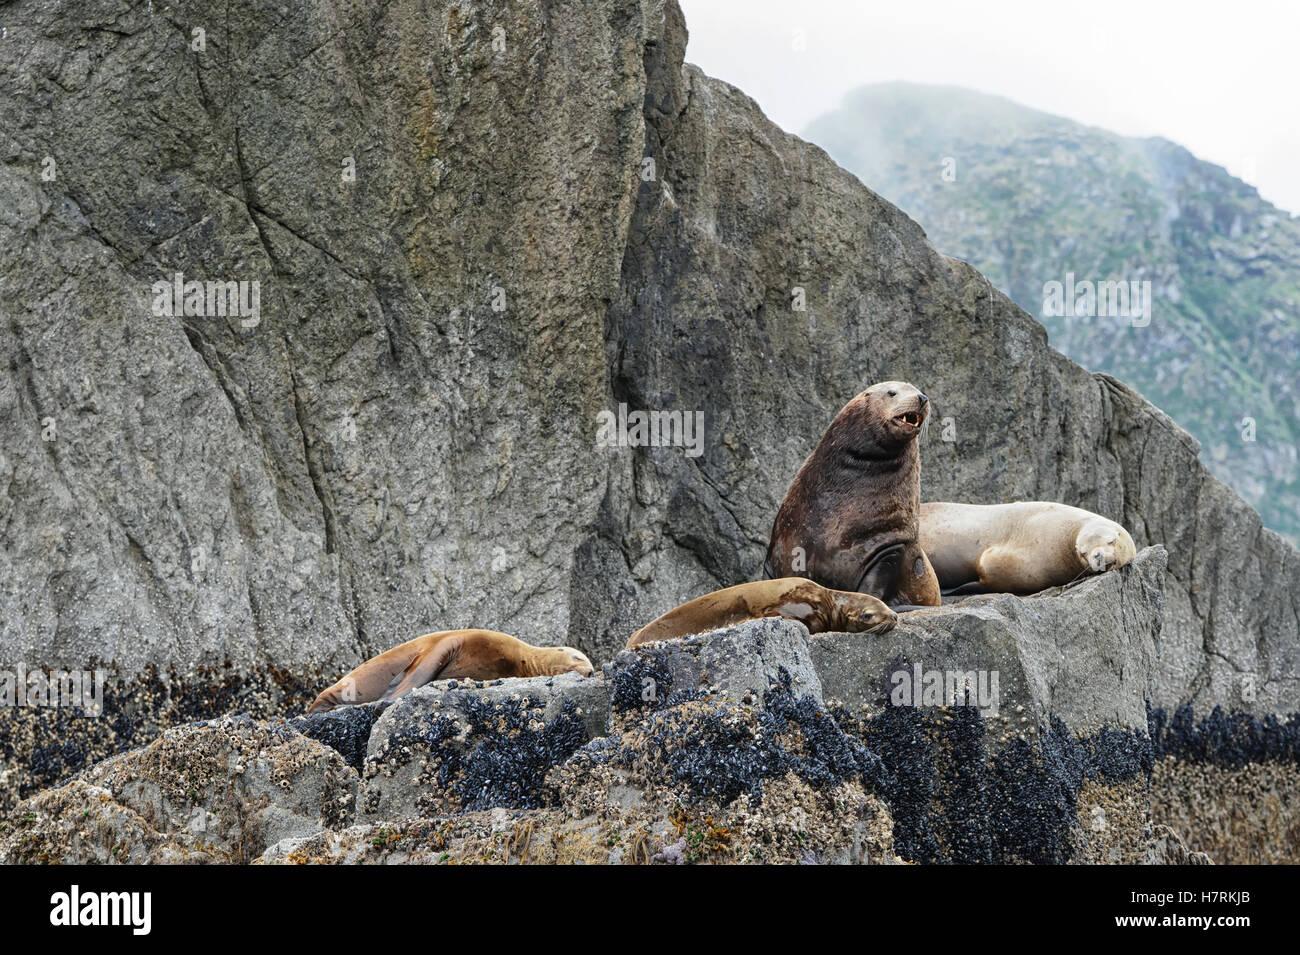 Stellar sea lion (Eumetopias jubatus); Seward, Alaska, United States of America - Stock Image